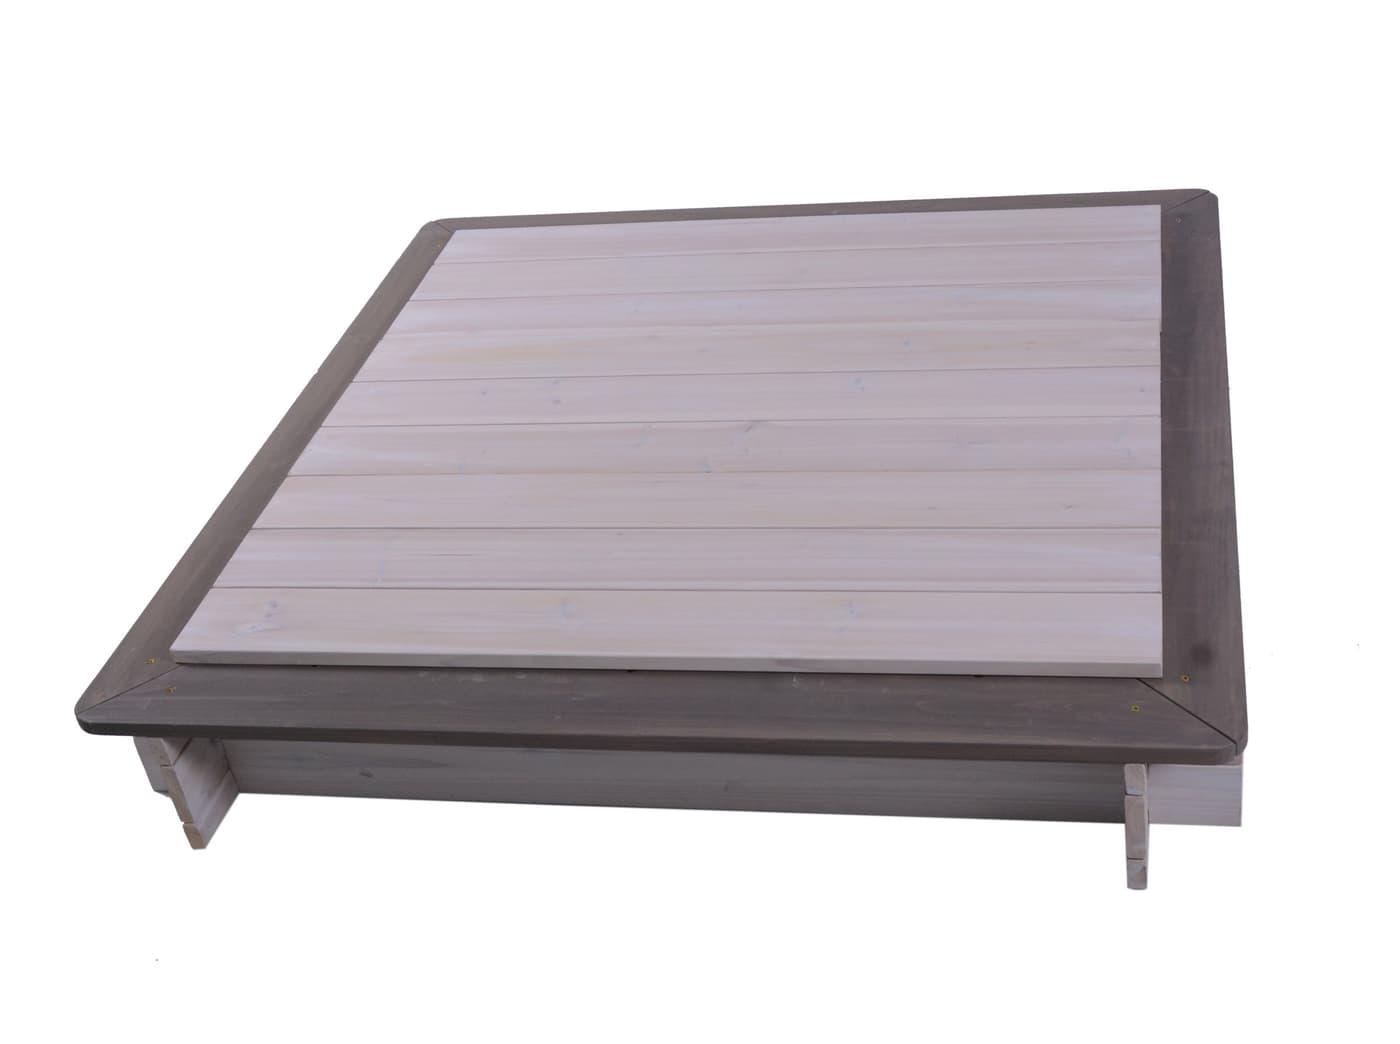 Sandkasten viereckig mit Deckel | Migros